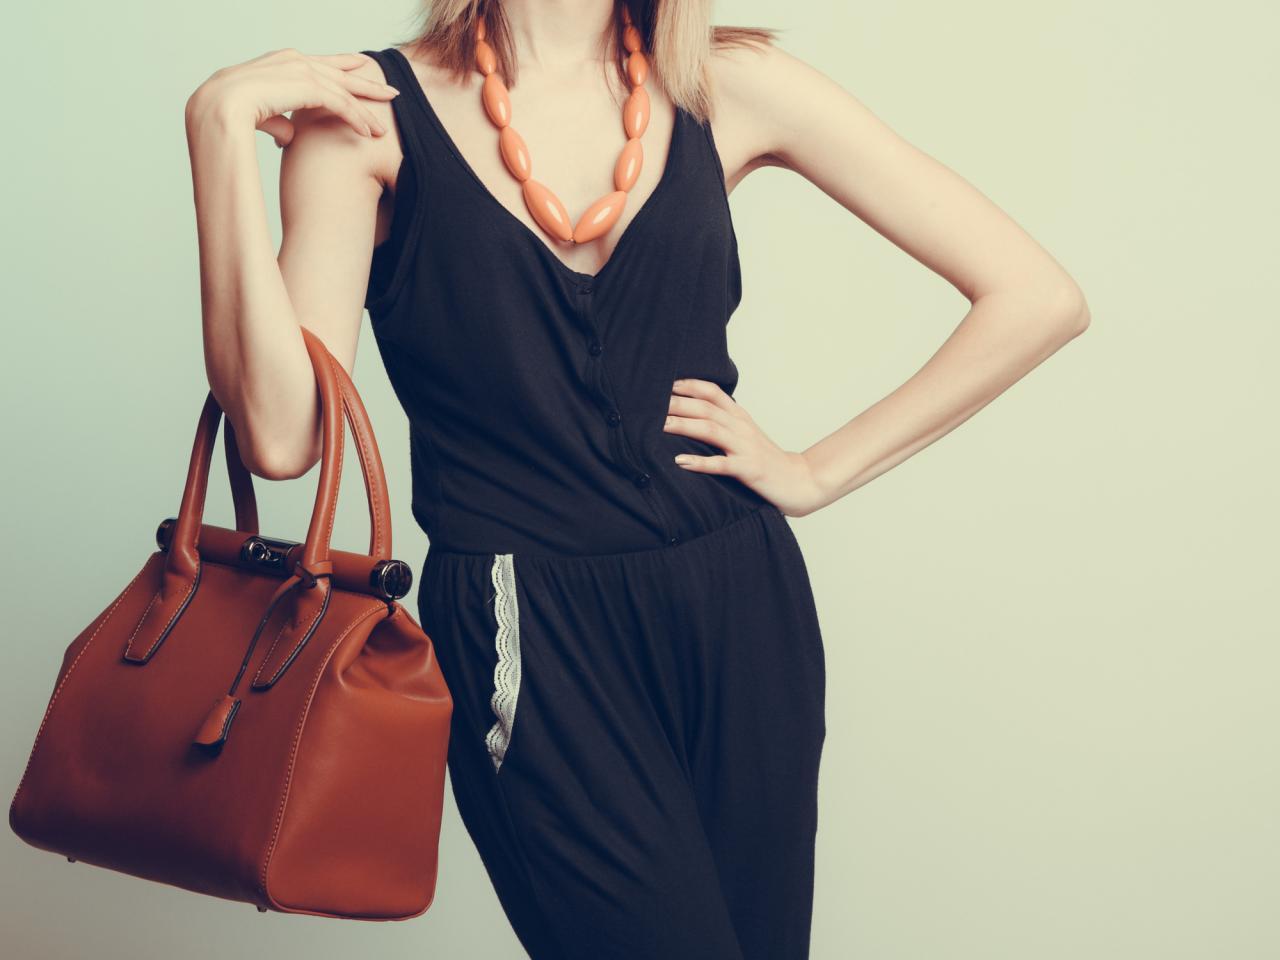 cc47560f8ee0 В Украине начали производить качественные женские сумки - Мода - Статьи